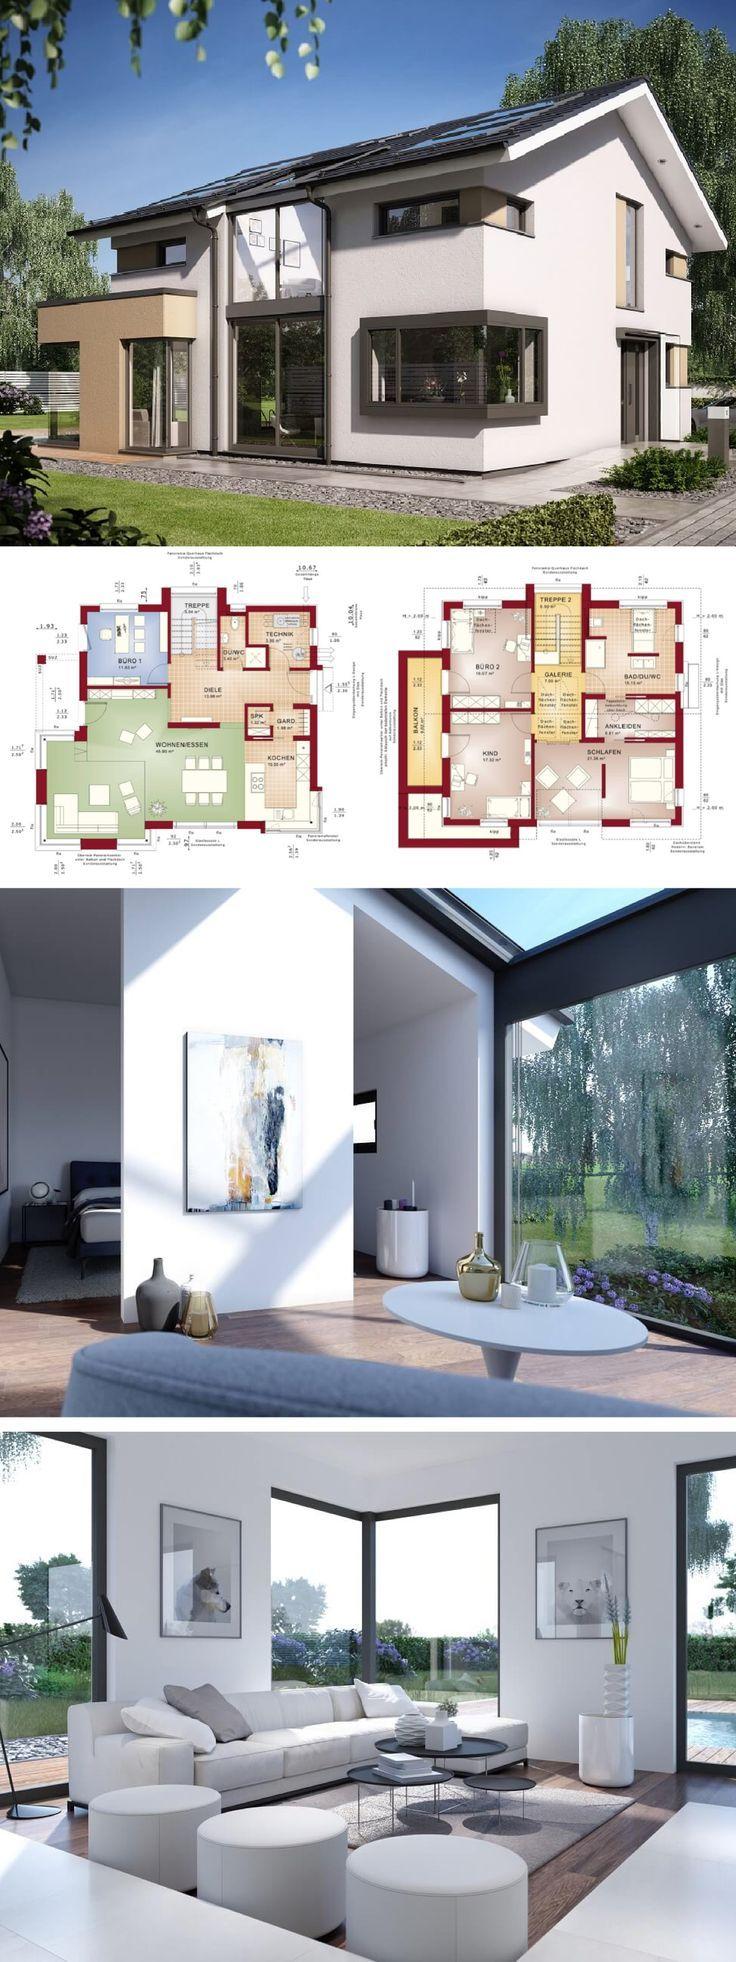 Einfamilienhaus Neubau modern mit Galerie & Satteldach Architektur – Haus bauen Grundriss Fertighaus Design Concept-M 153 Bien Zenker Hausbau Ideen – HausbauDirekt.de